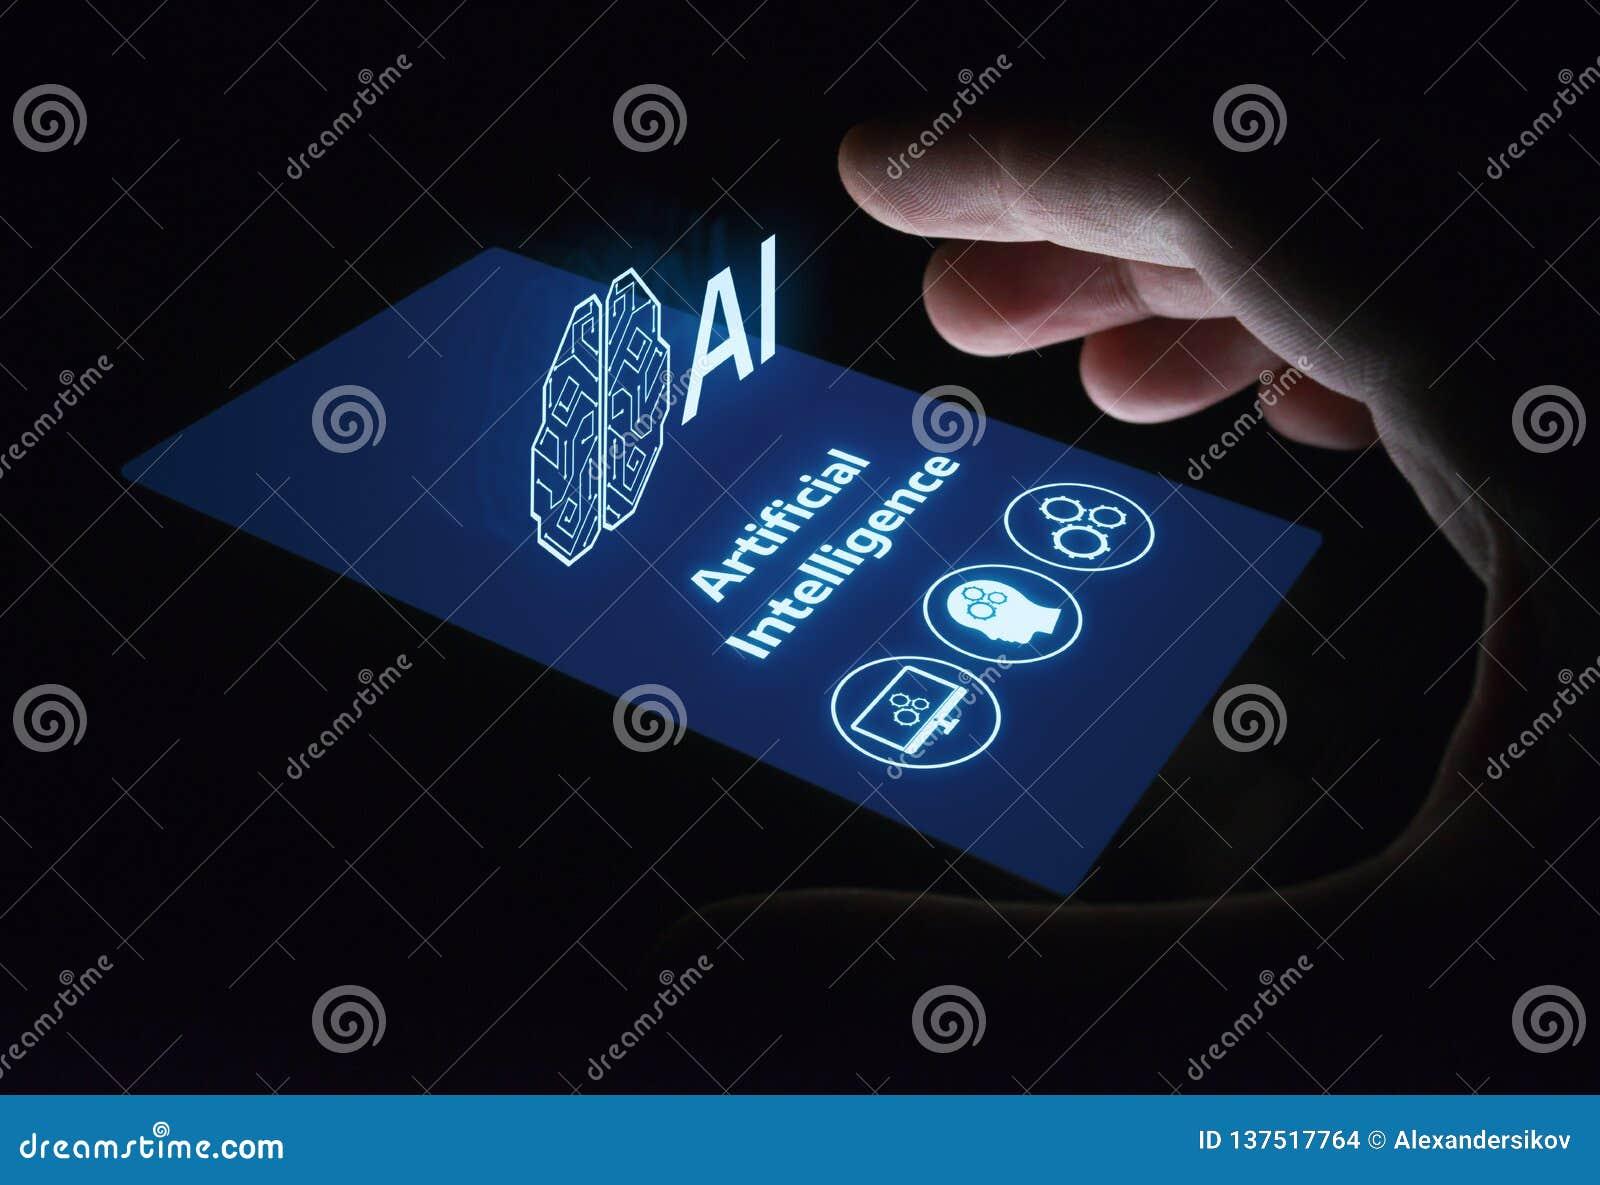 Concetto di tecnologia di Internet di affari di apprendimento automatico di intelligenza artificiale